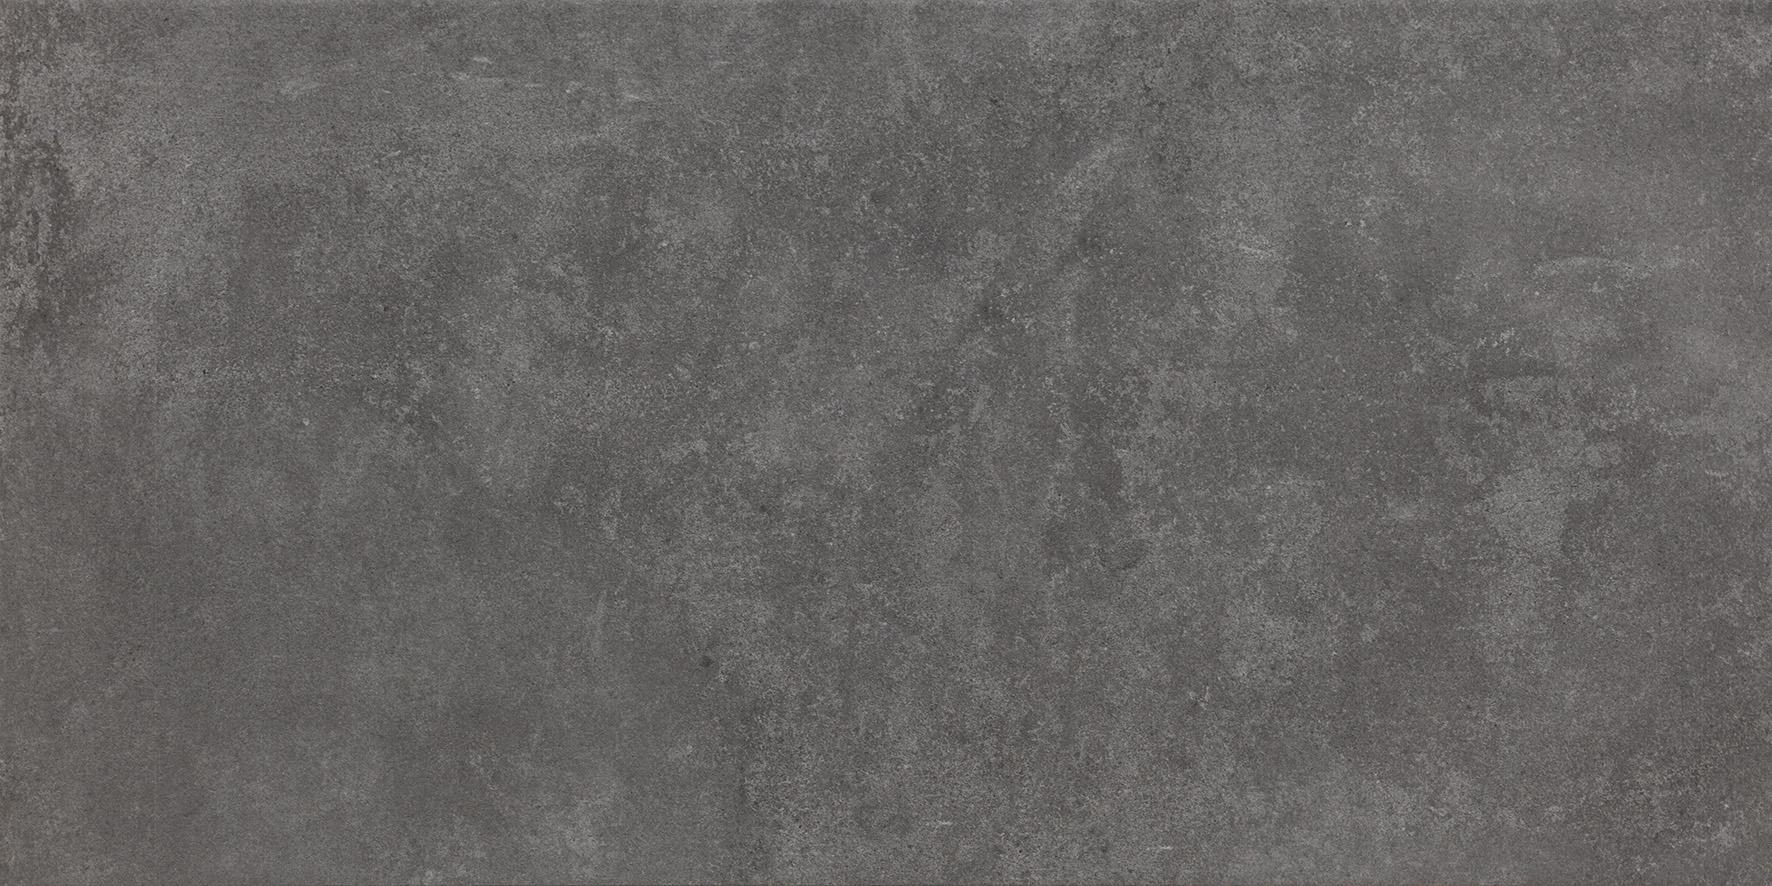 PF00012841_Ambienti Antracite 30x60_V2